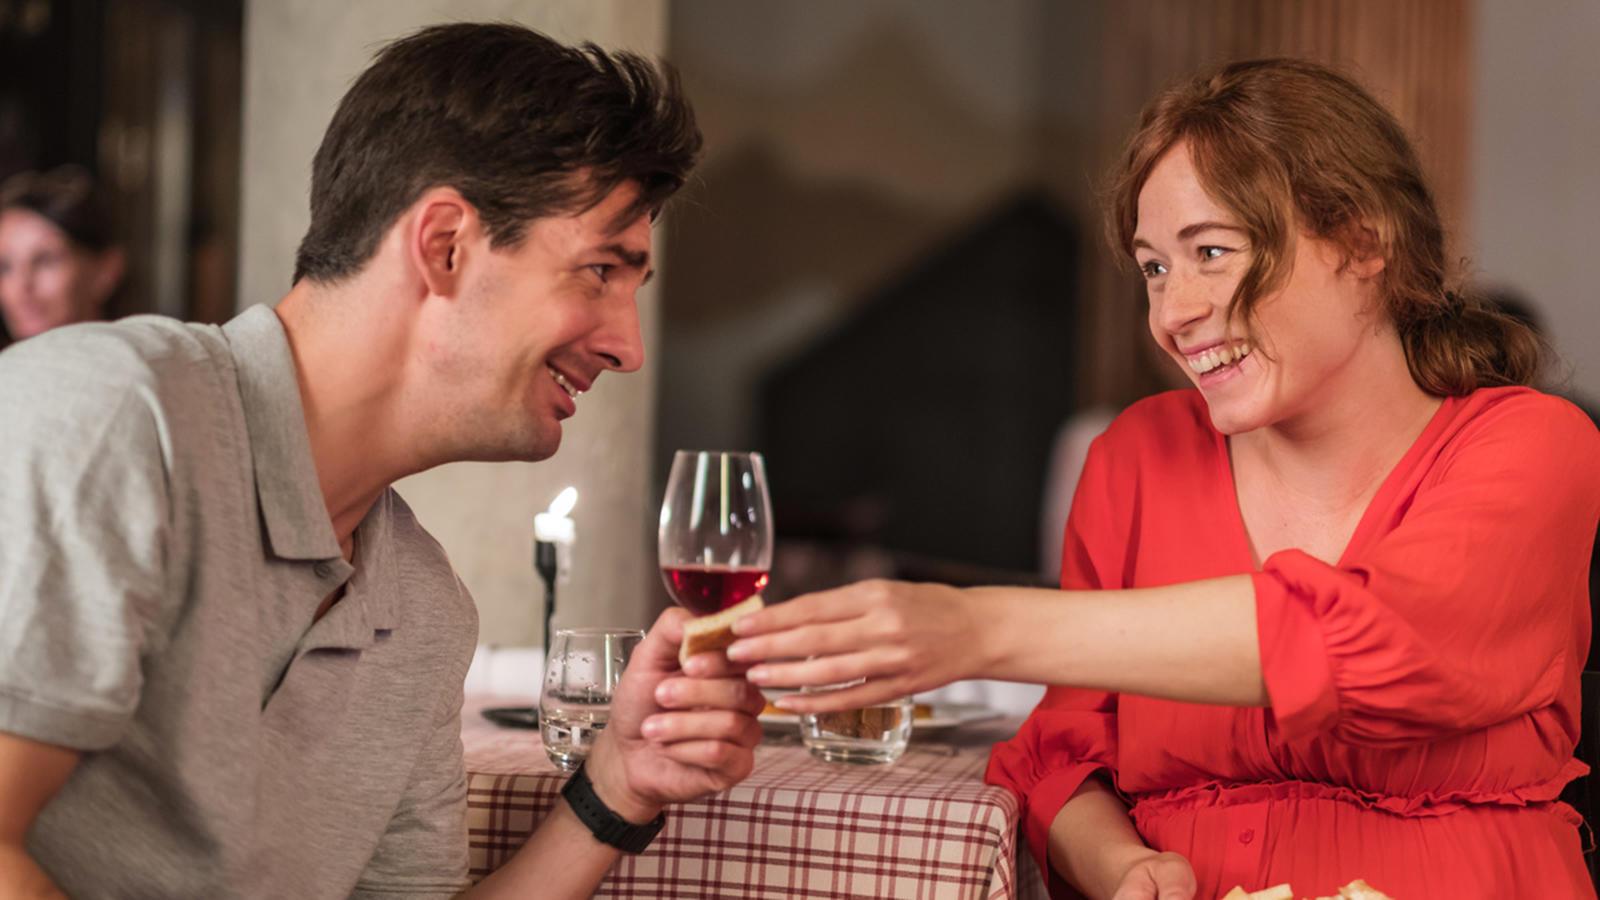 Romantikus hangulatban vagy? Gyújts meg egy gyertyát, nyiss / bonts valami finomságot, kuckózd be magad, és nézd esténként 20:00 órakor a 200 első randi második évadát a VIASAT3-on. Előtte viszont ráhangolódásként nézd meg a legemlékezetesebb filmes randiválogatást, amit neked gyűjtöttünk össze. (Fotó: VIASAT3)